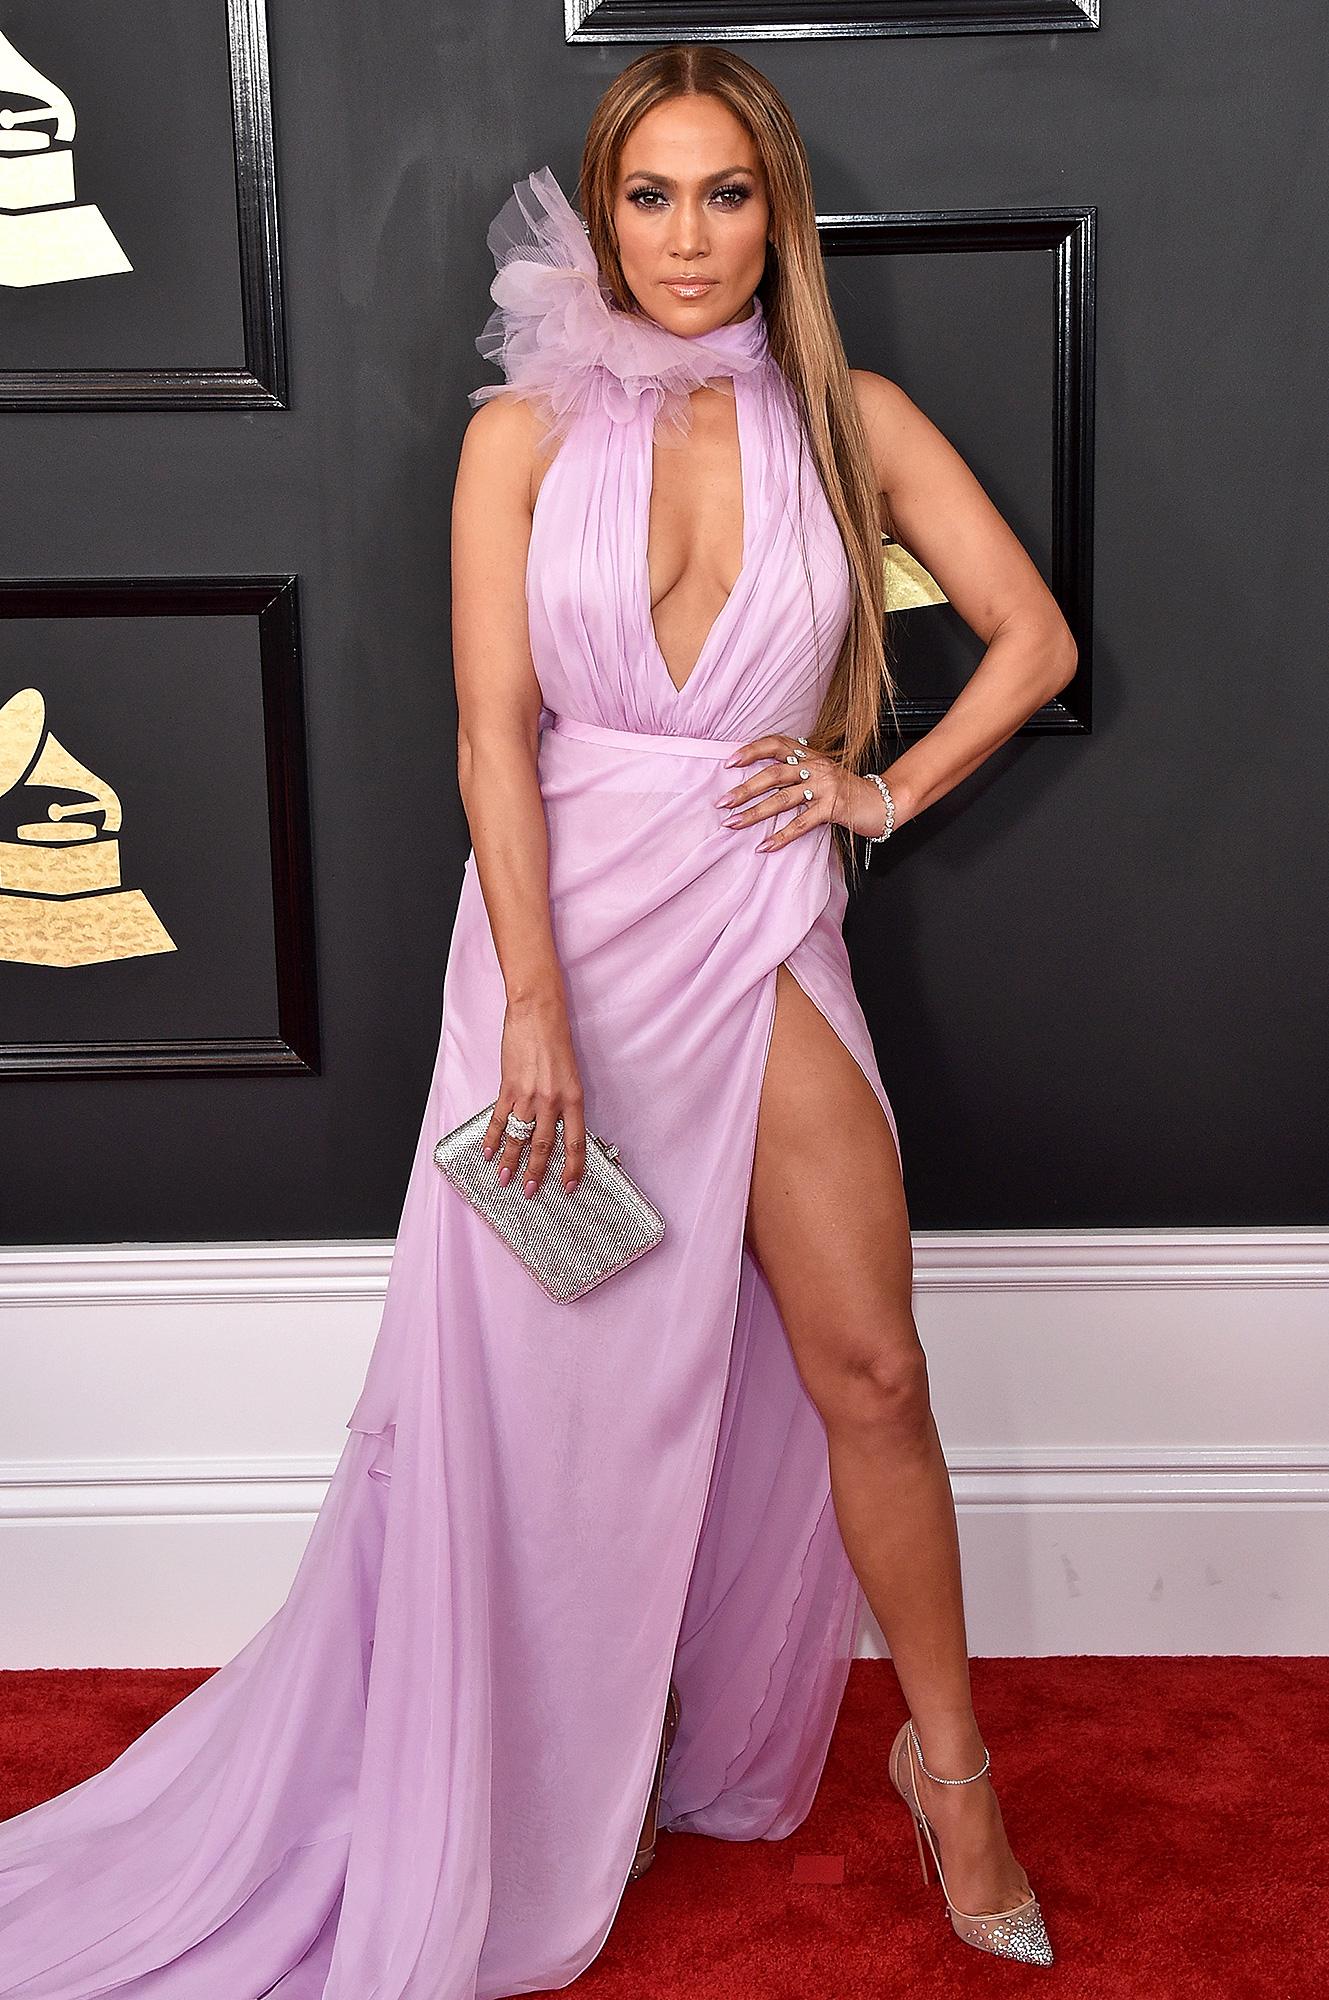 2017 Grammys Peekaboo Style: Stars Stun in Keyhole Dresses